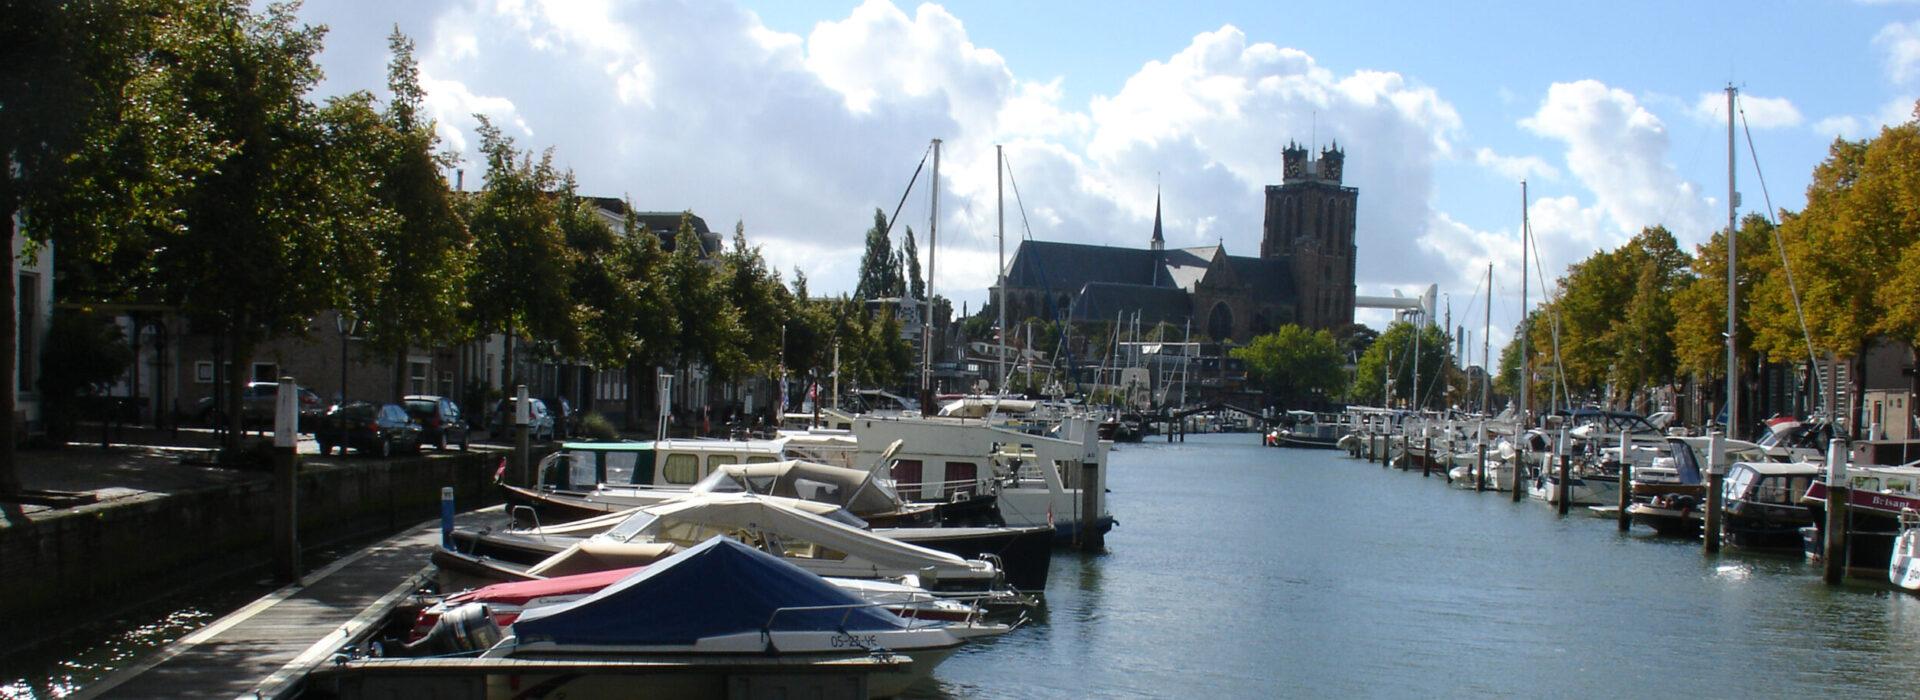 Stadswandelingen Gilde Dordrecht